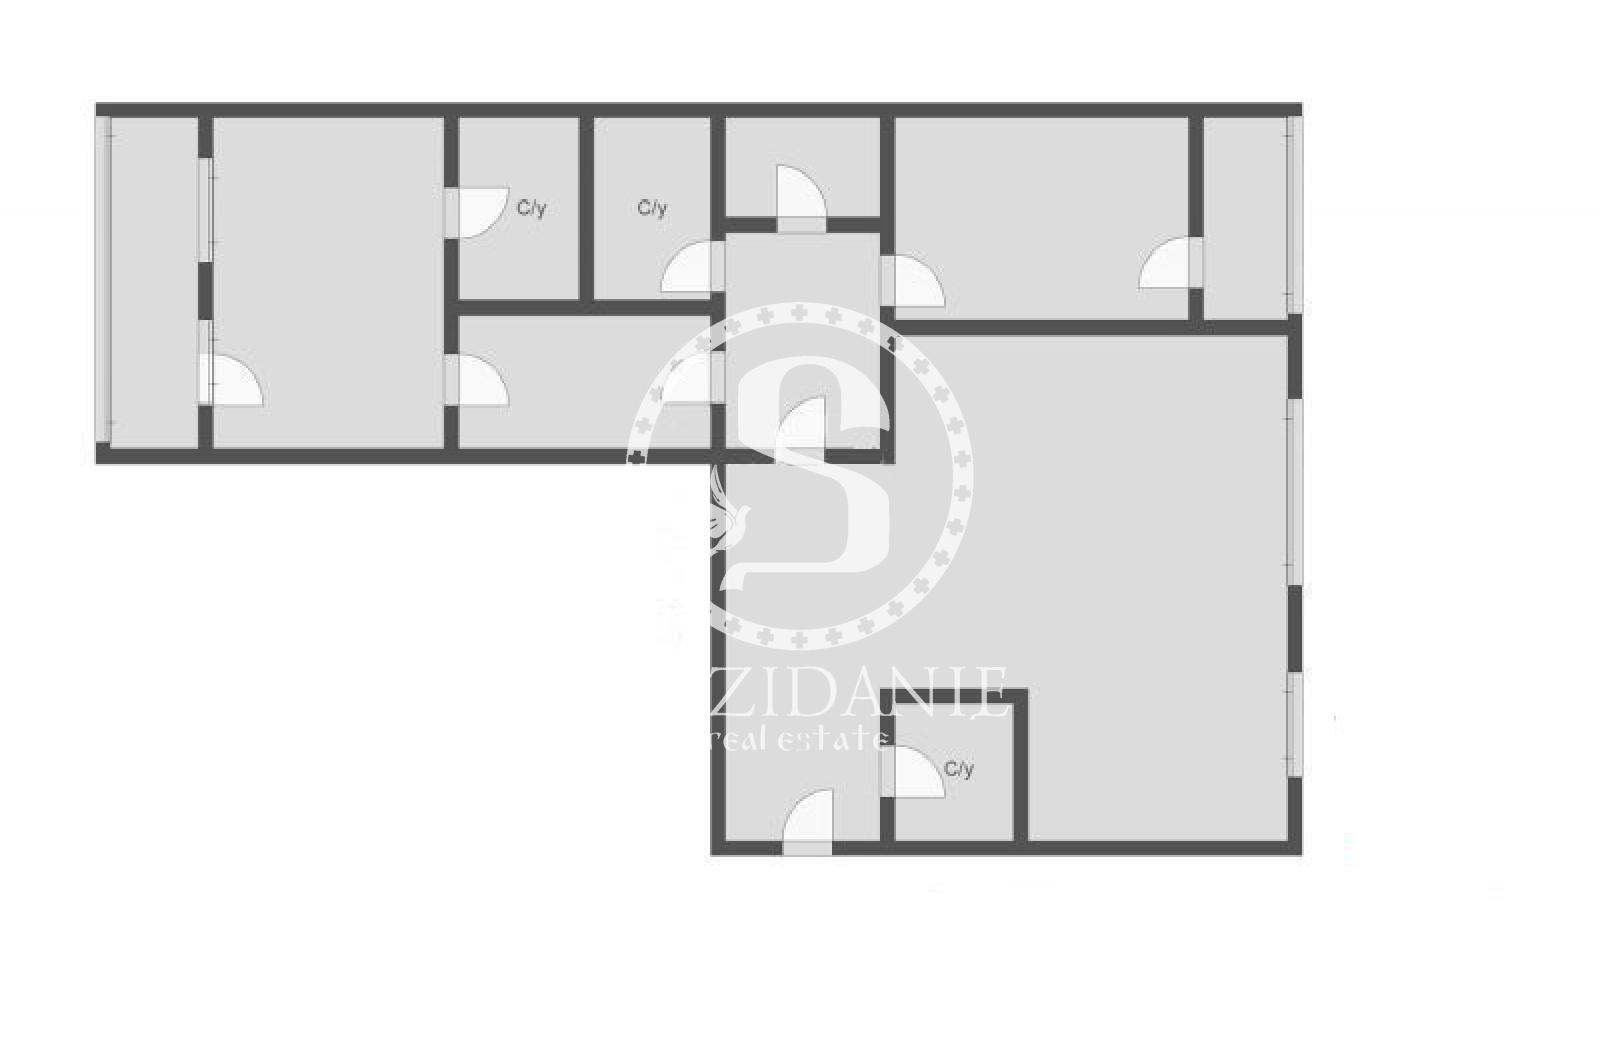 3 Комнаты, Городская, Продажа, Улица Льва Толстого, Listing ID 3621, Москва, Россия,